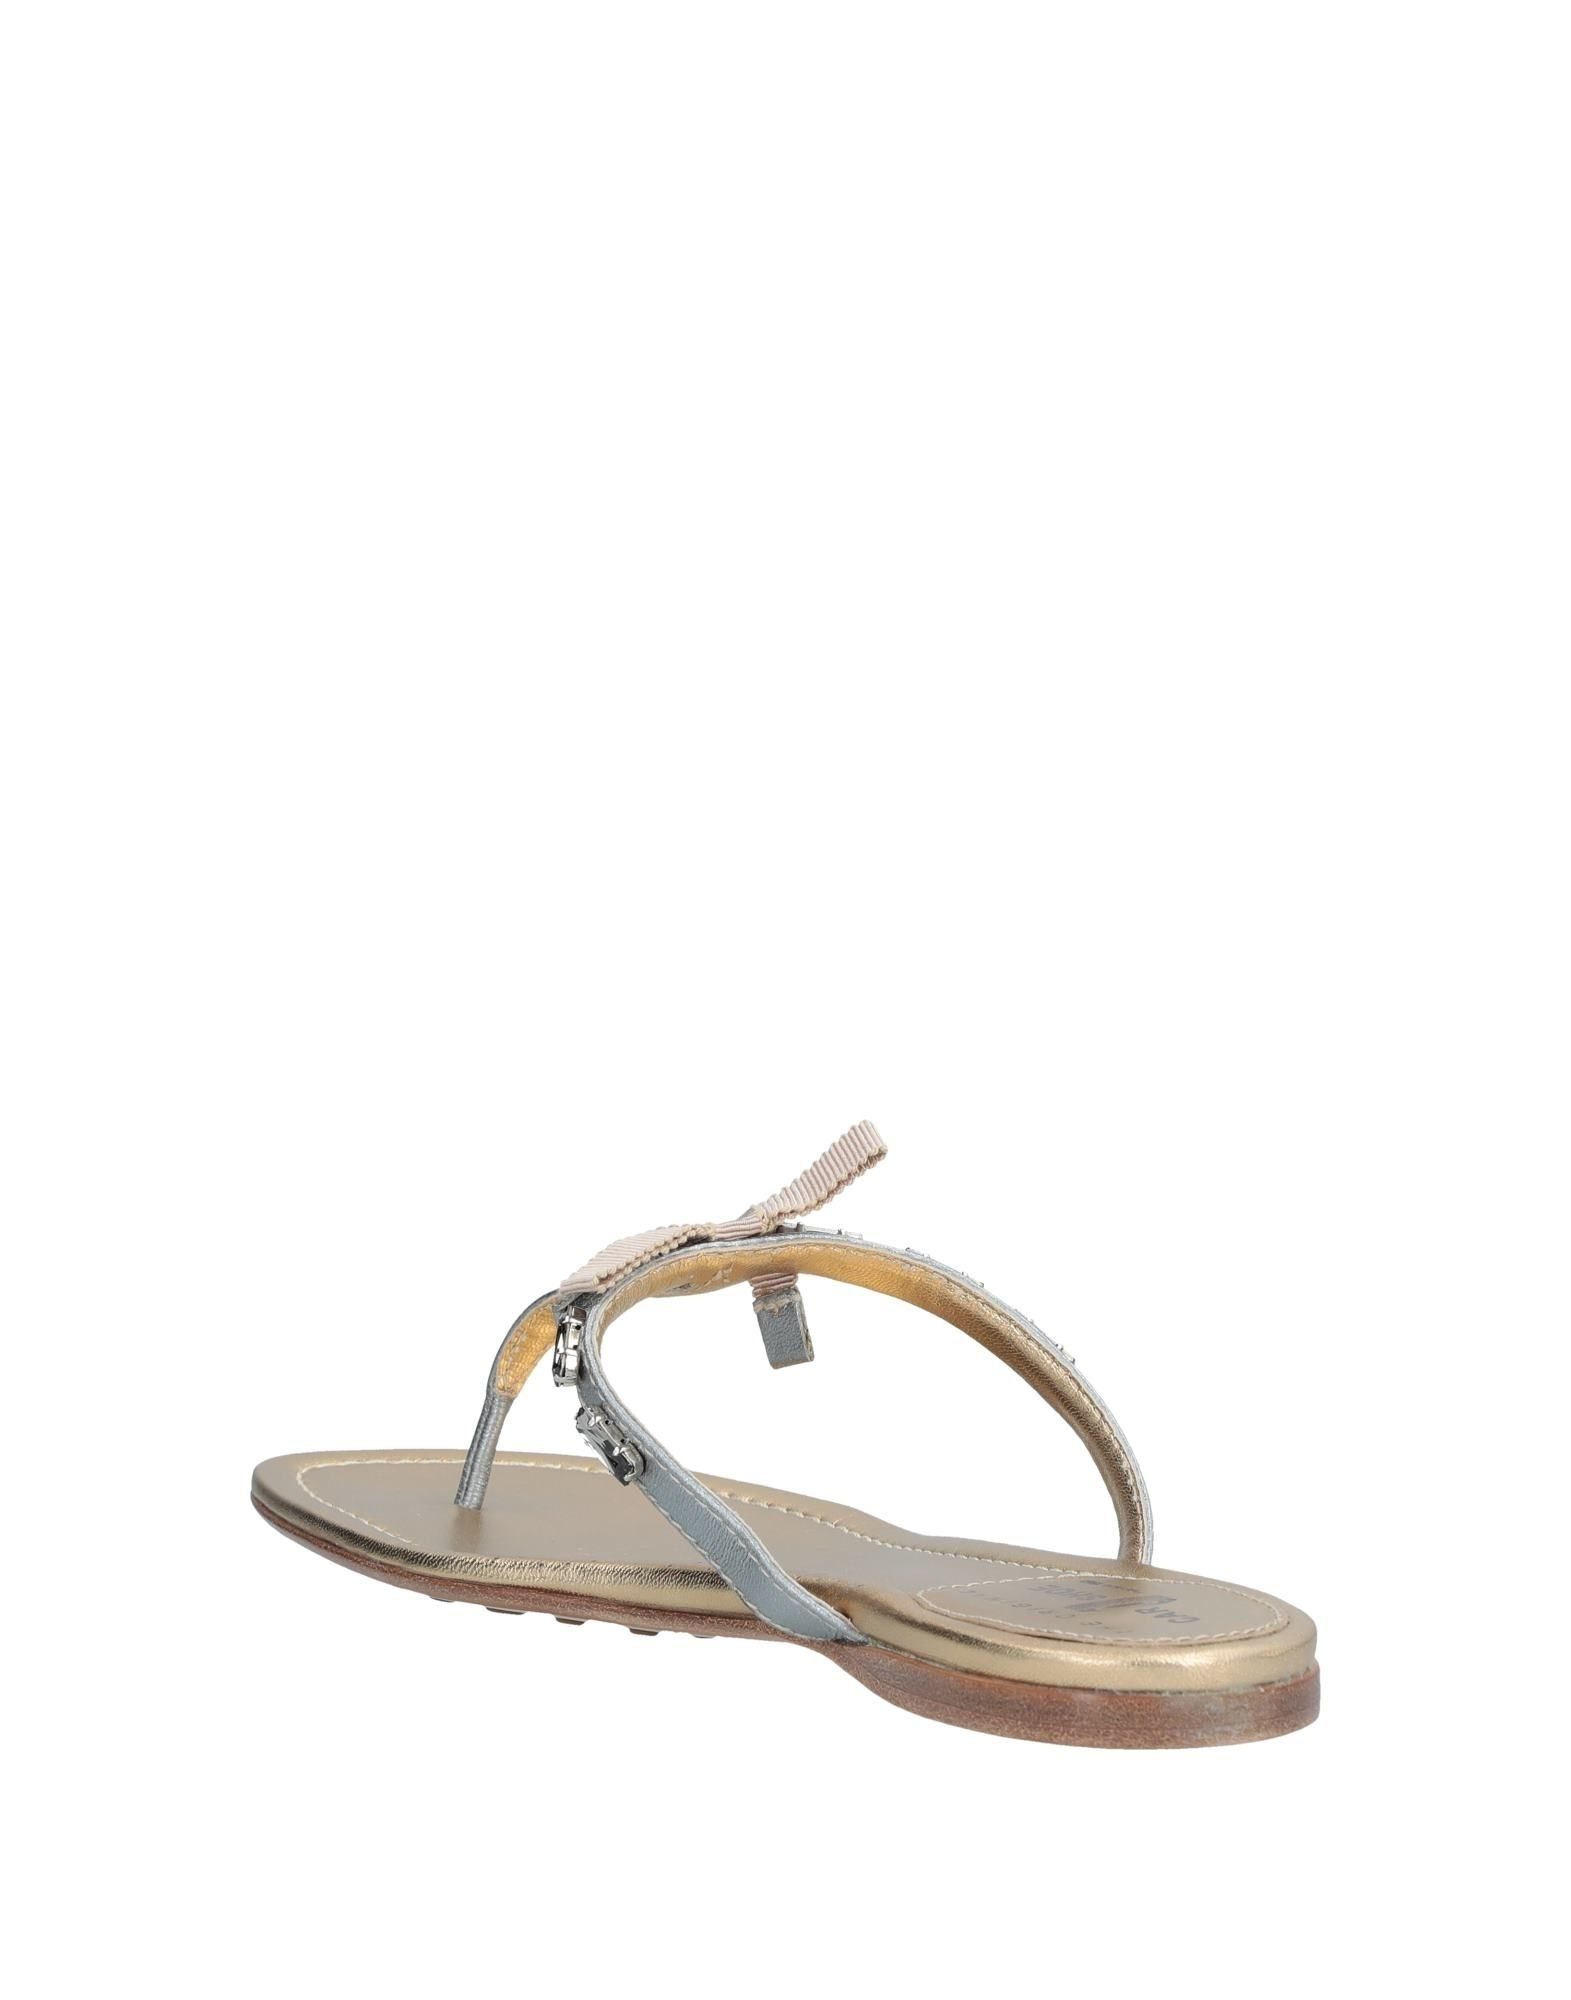 Carshoe Dianetten Damen  strapazierfähige 11534570FWGut aussehende strapazierfähige  Schuhe 02b862